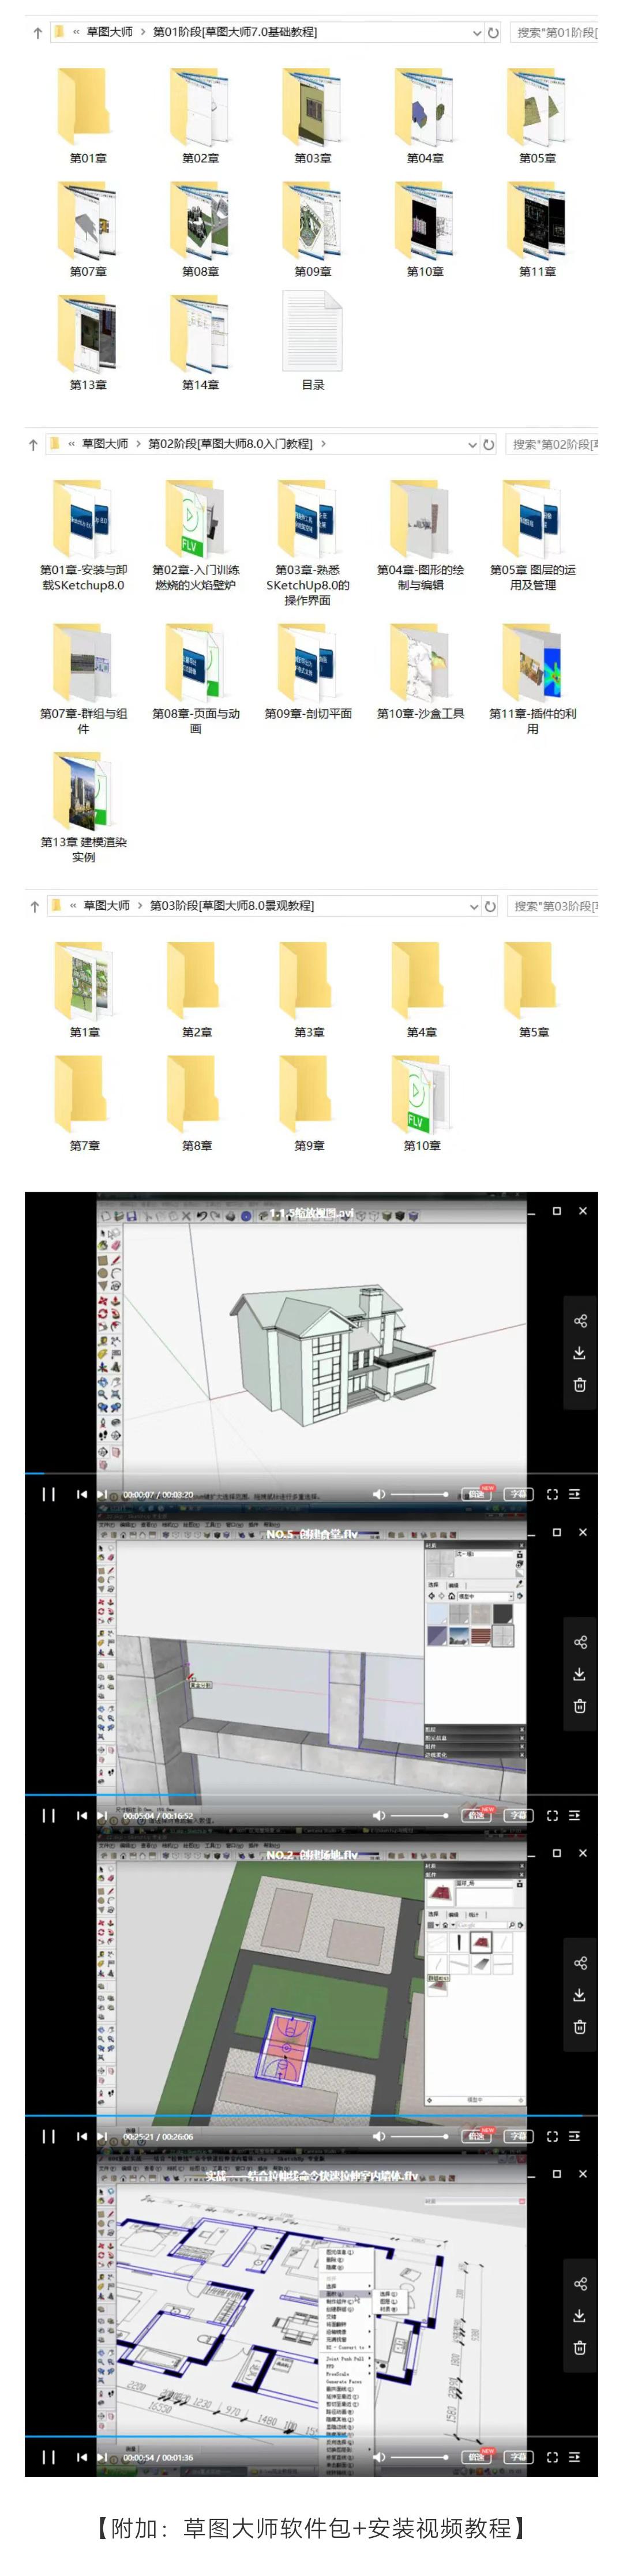 草图大师SketchUp零基础到精通全套自学视频培训教程丨设计酷COOK-设计酷-设计酷COOK-这设计很酷COOL